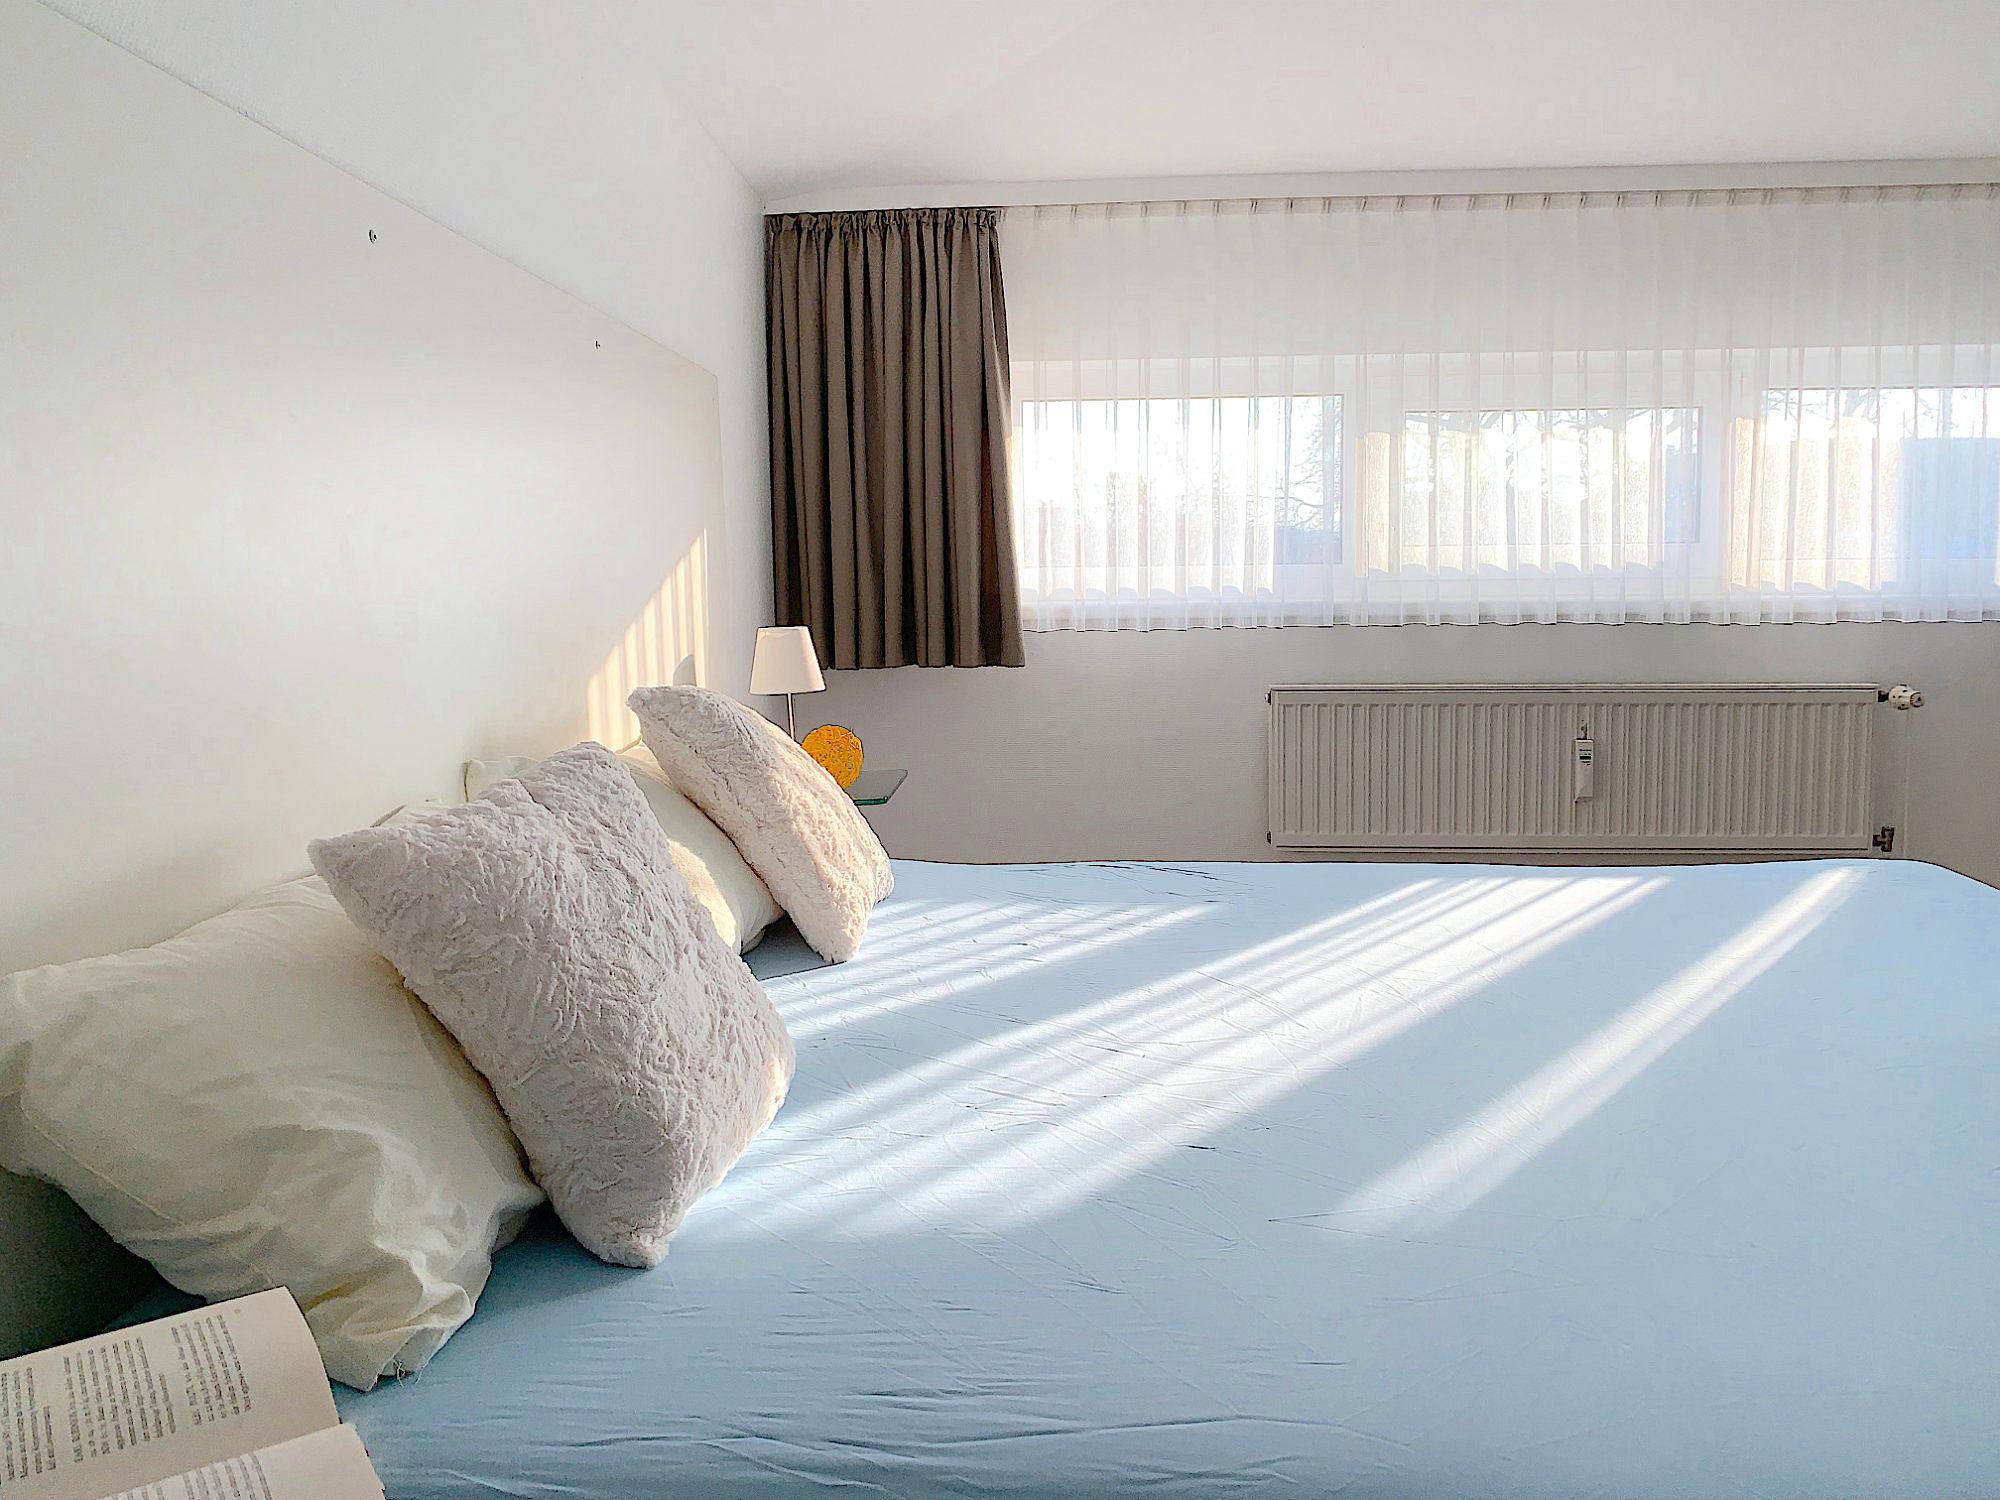 Schlafzimmer mit Doppelbett, Kopfteil mit Kopfkissen, dahinter ein Fenster